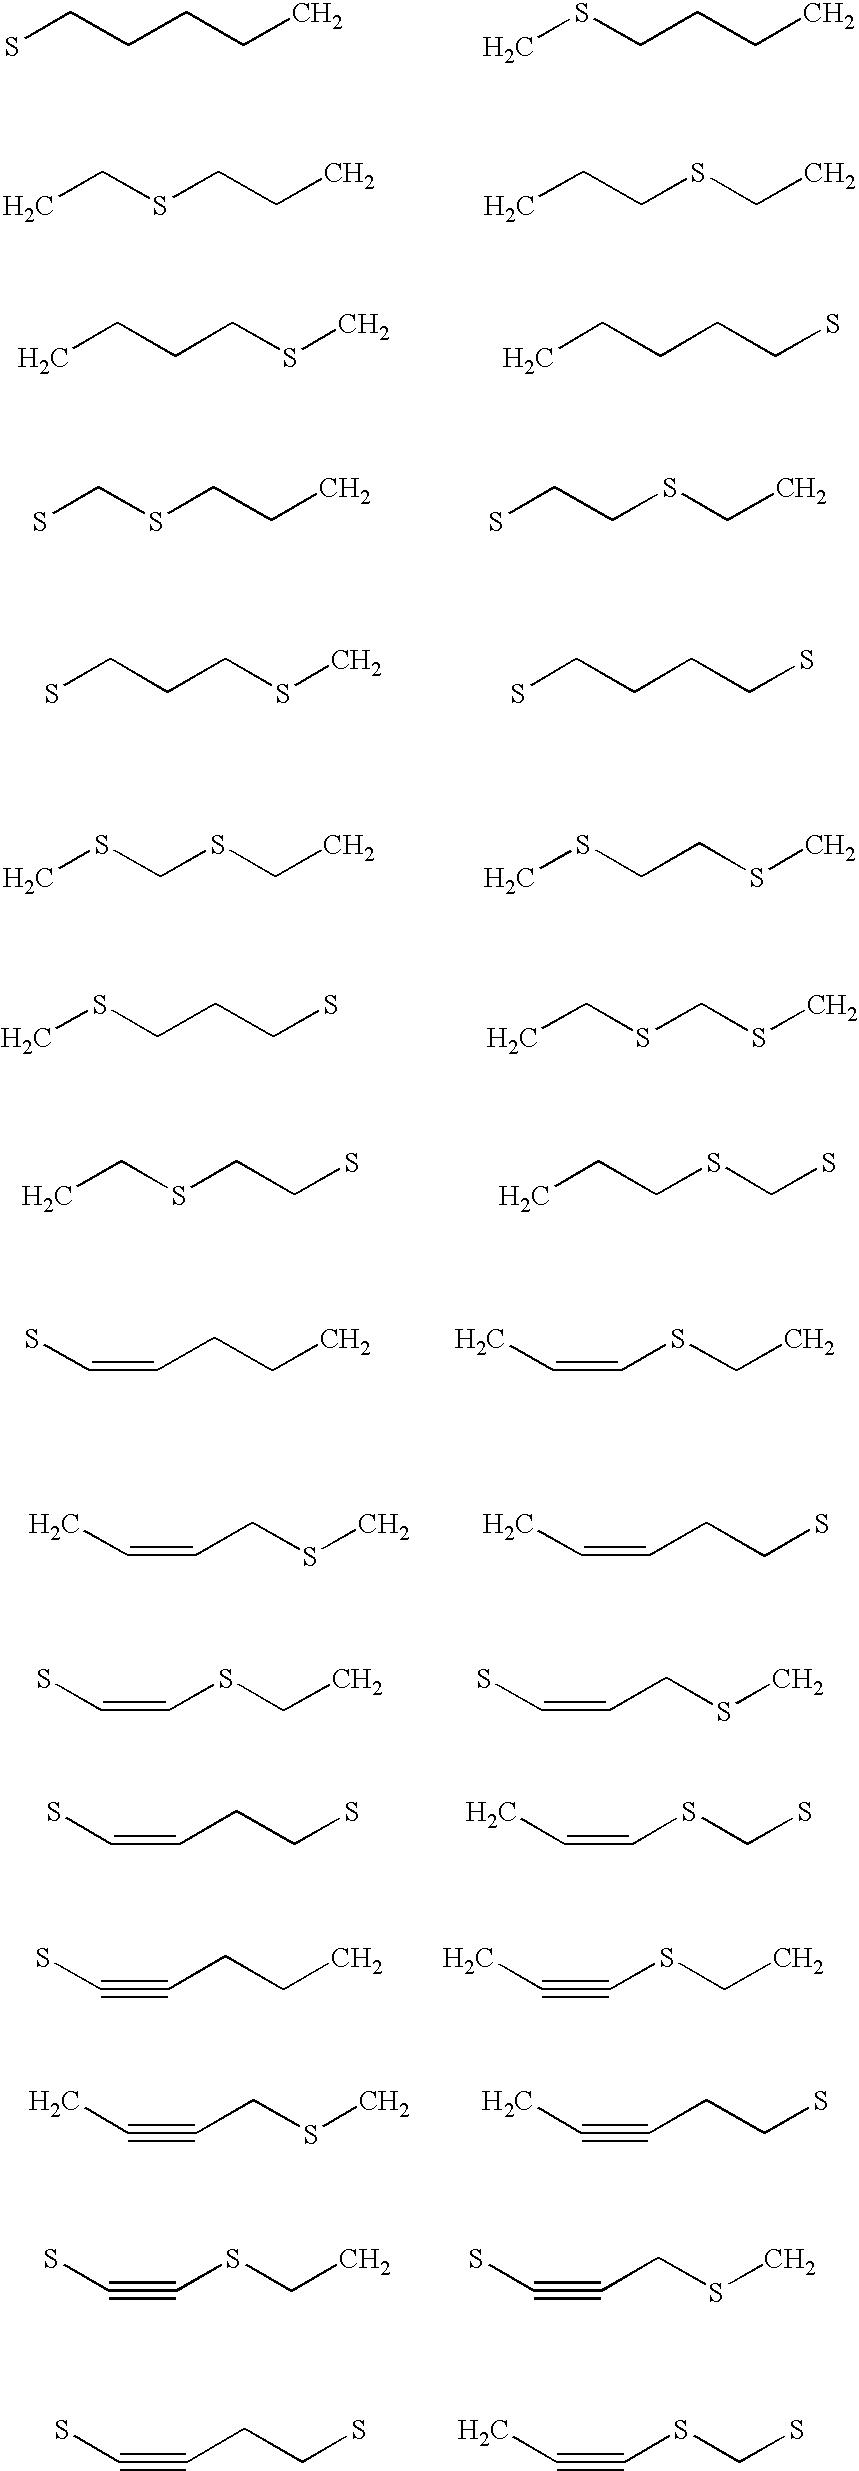 Figure US20070232660A1-20071004-C00012